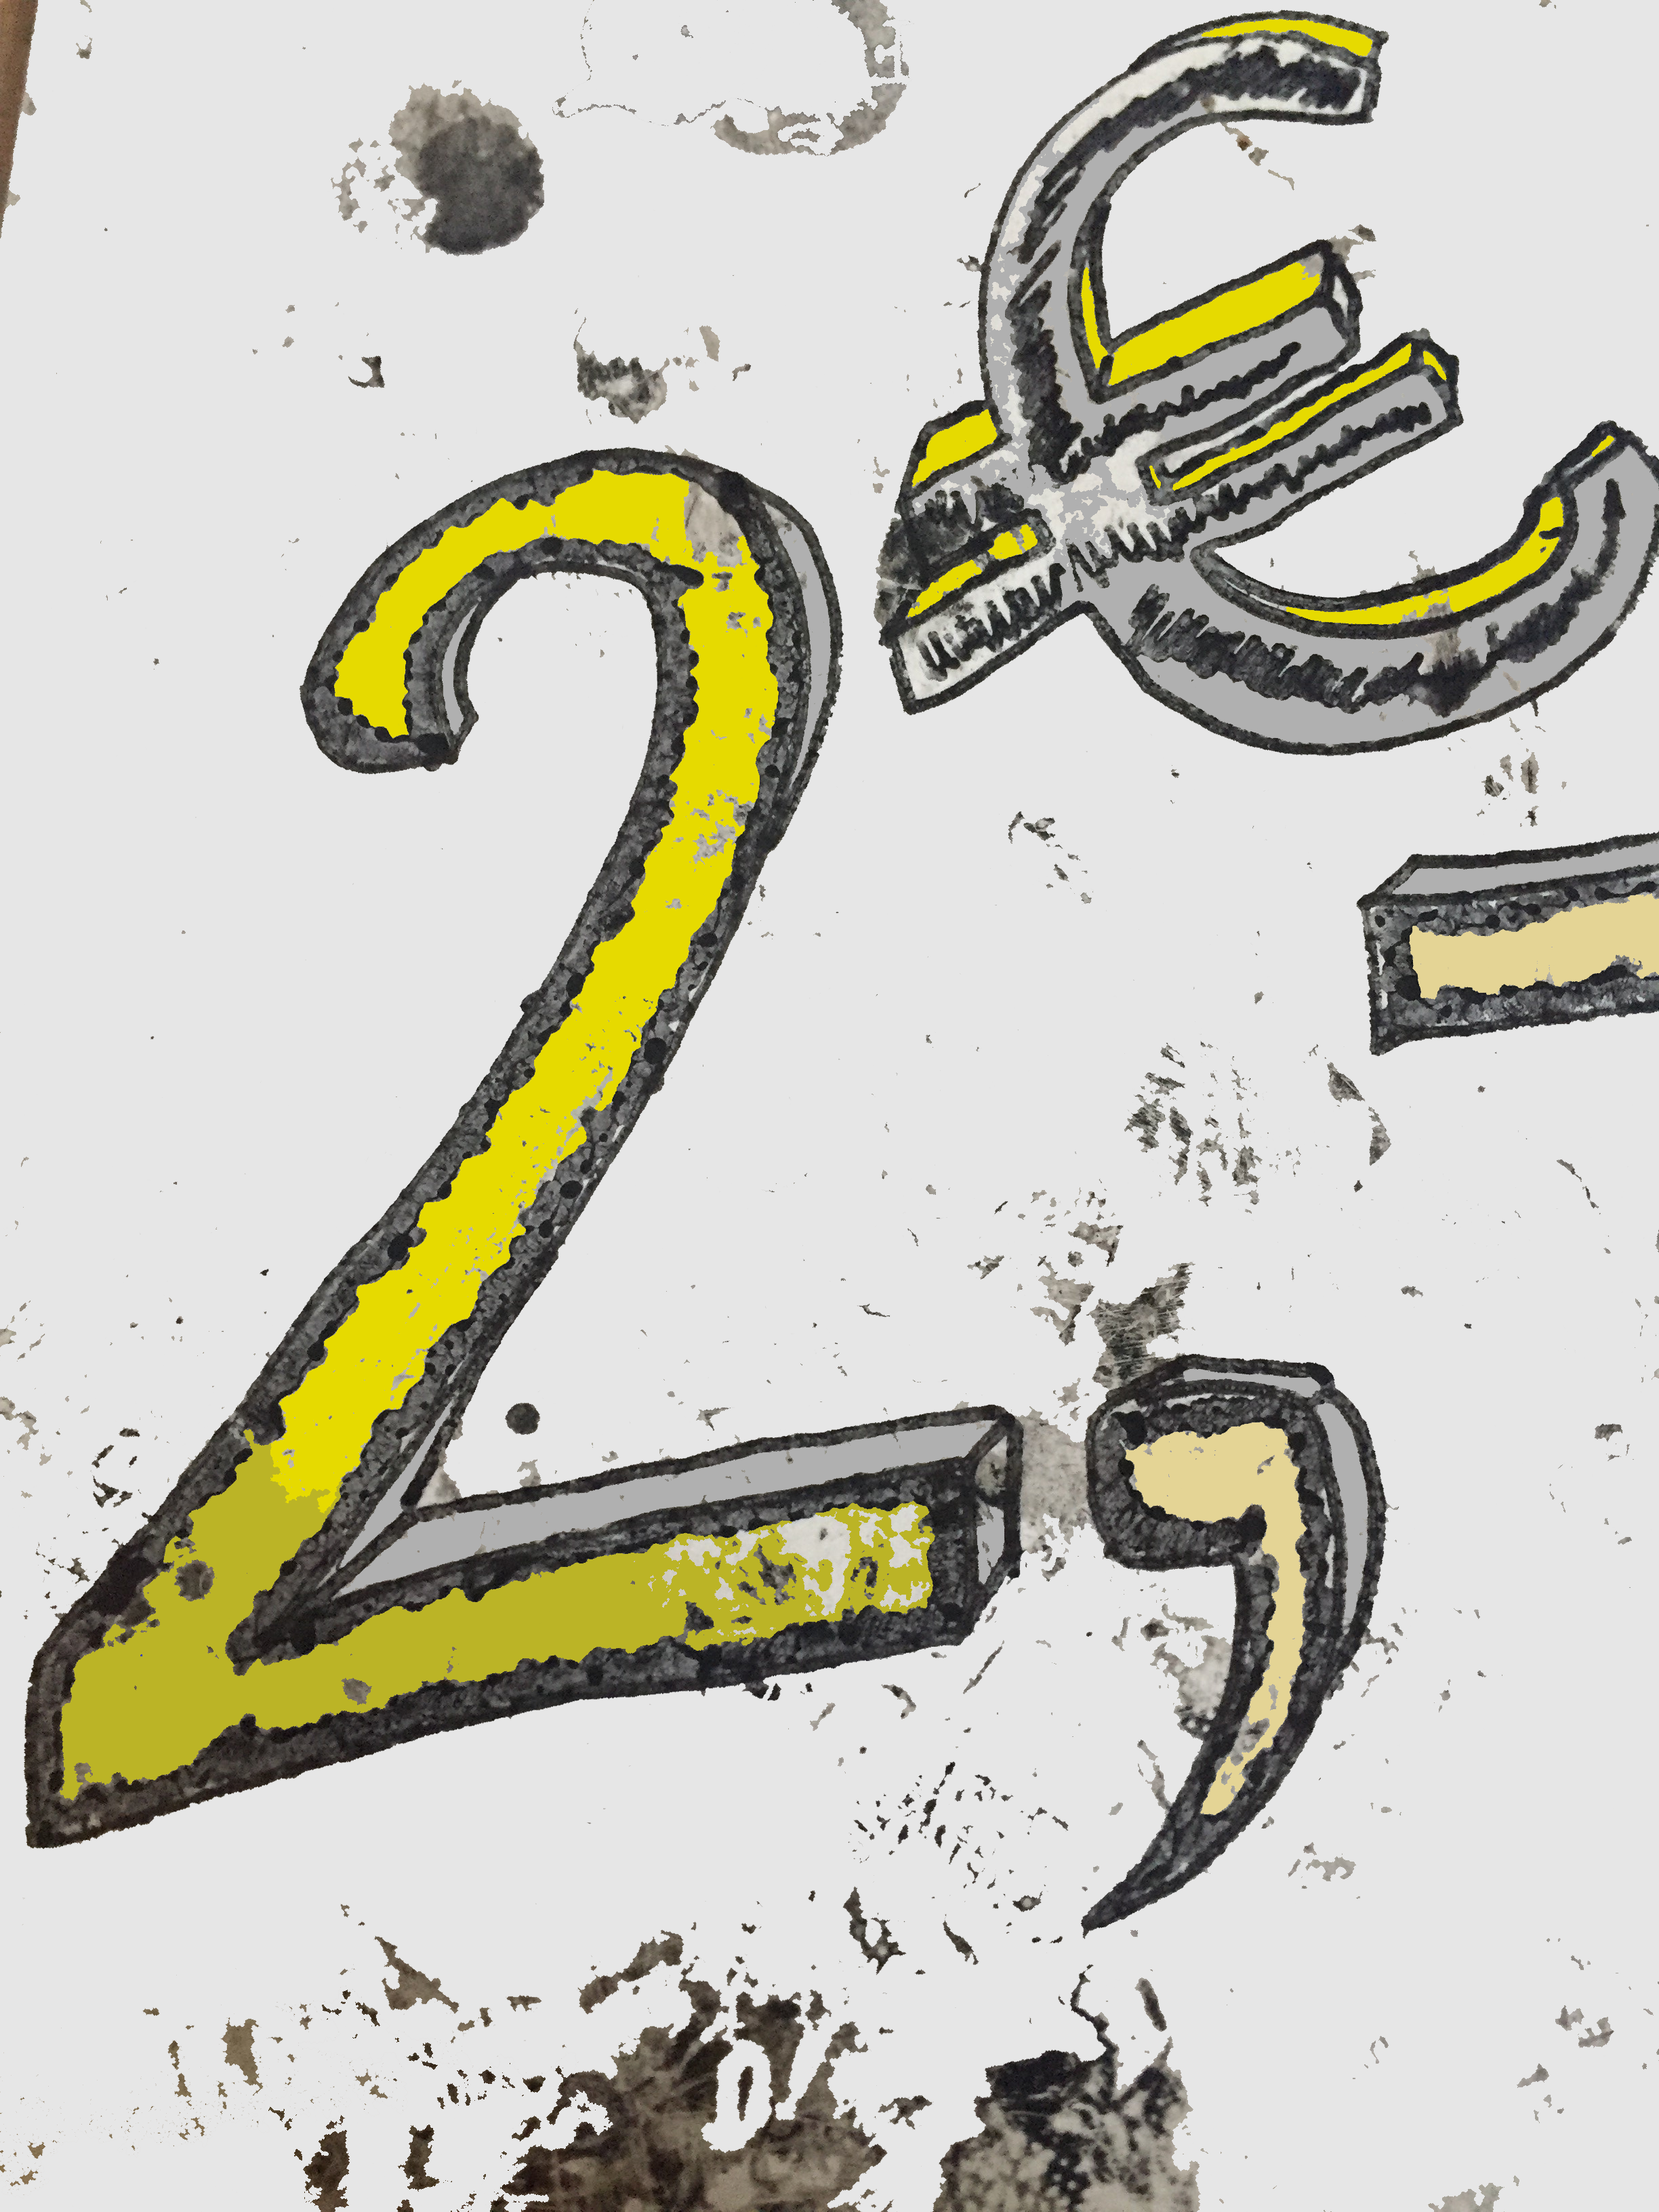 zwei Euro als Ziffer und als Währungssymbol